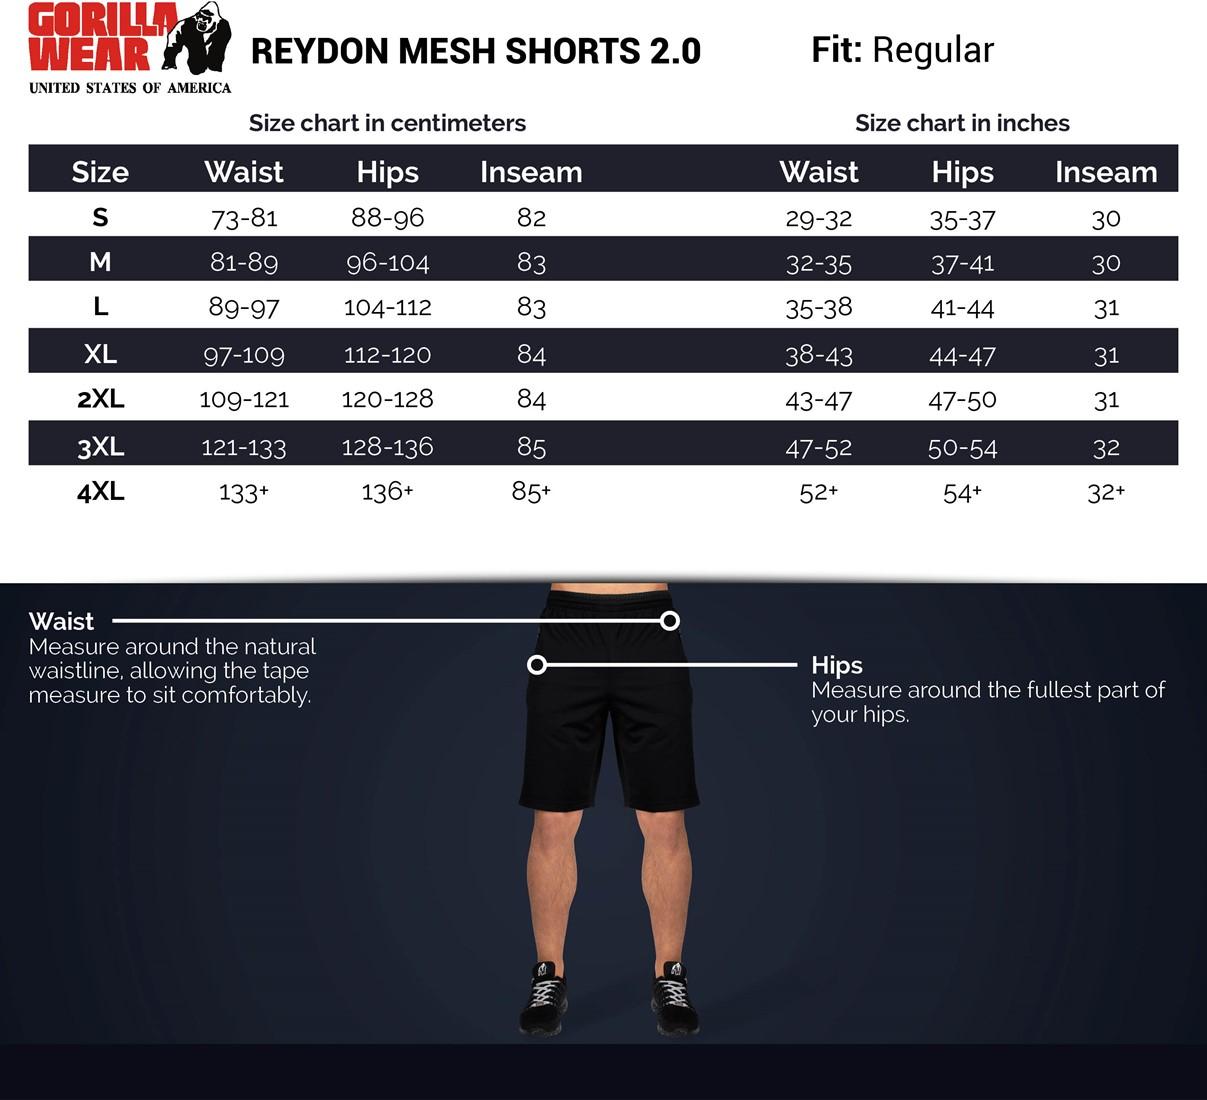 Bodybuilding und Fitness Short f/ür Herren GORILLA WEAR Reydon Mesh Shorts